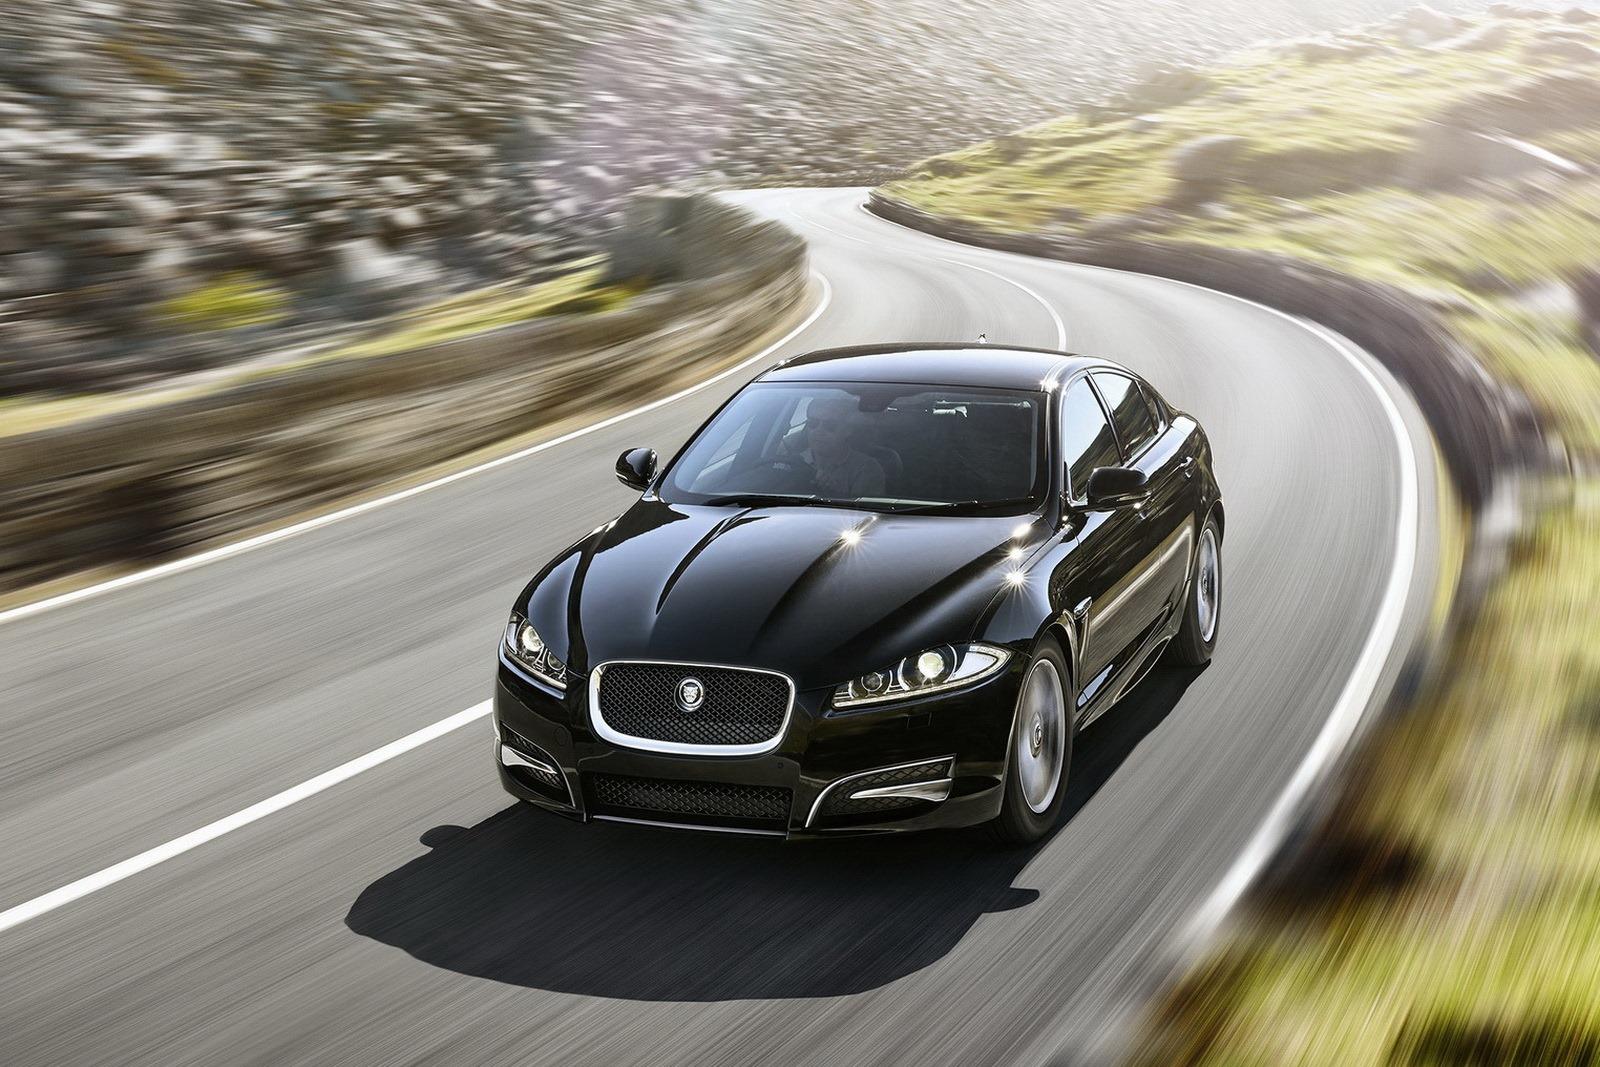 jaguar to stays awd xf heads in lineage gear true sport